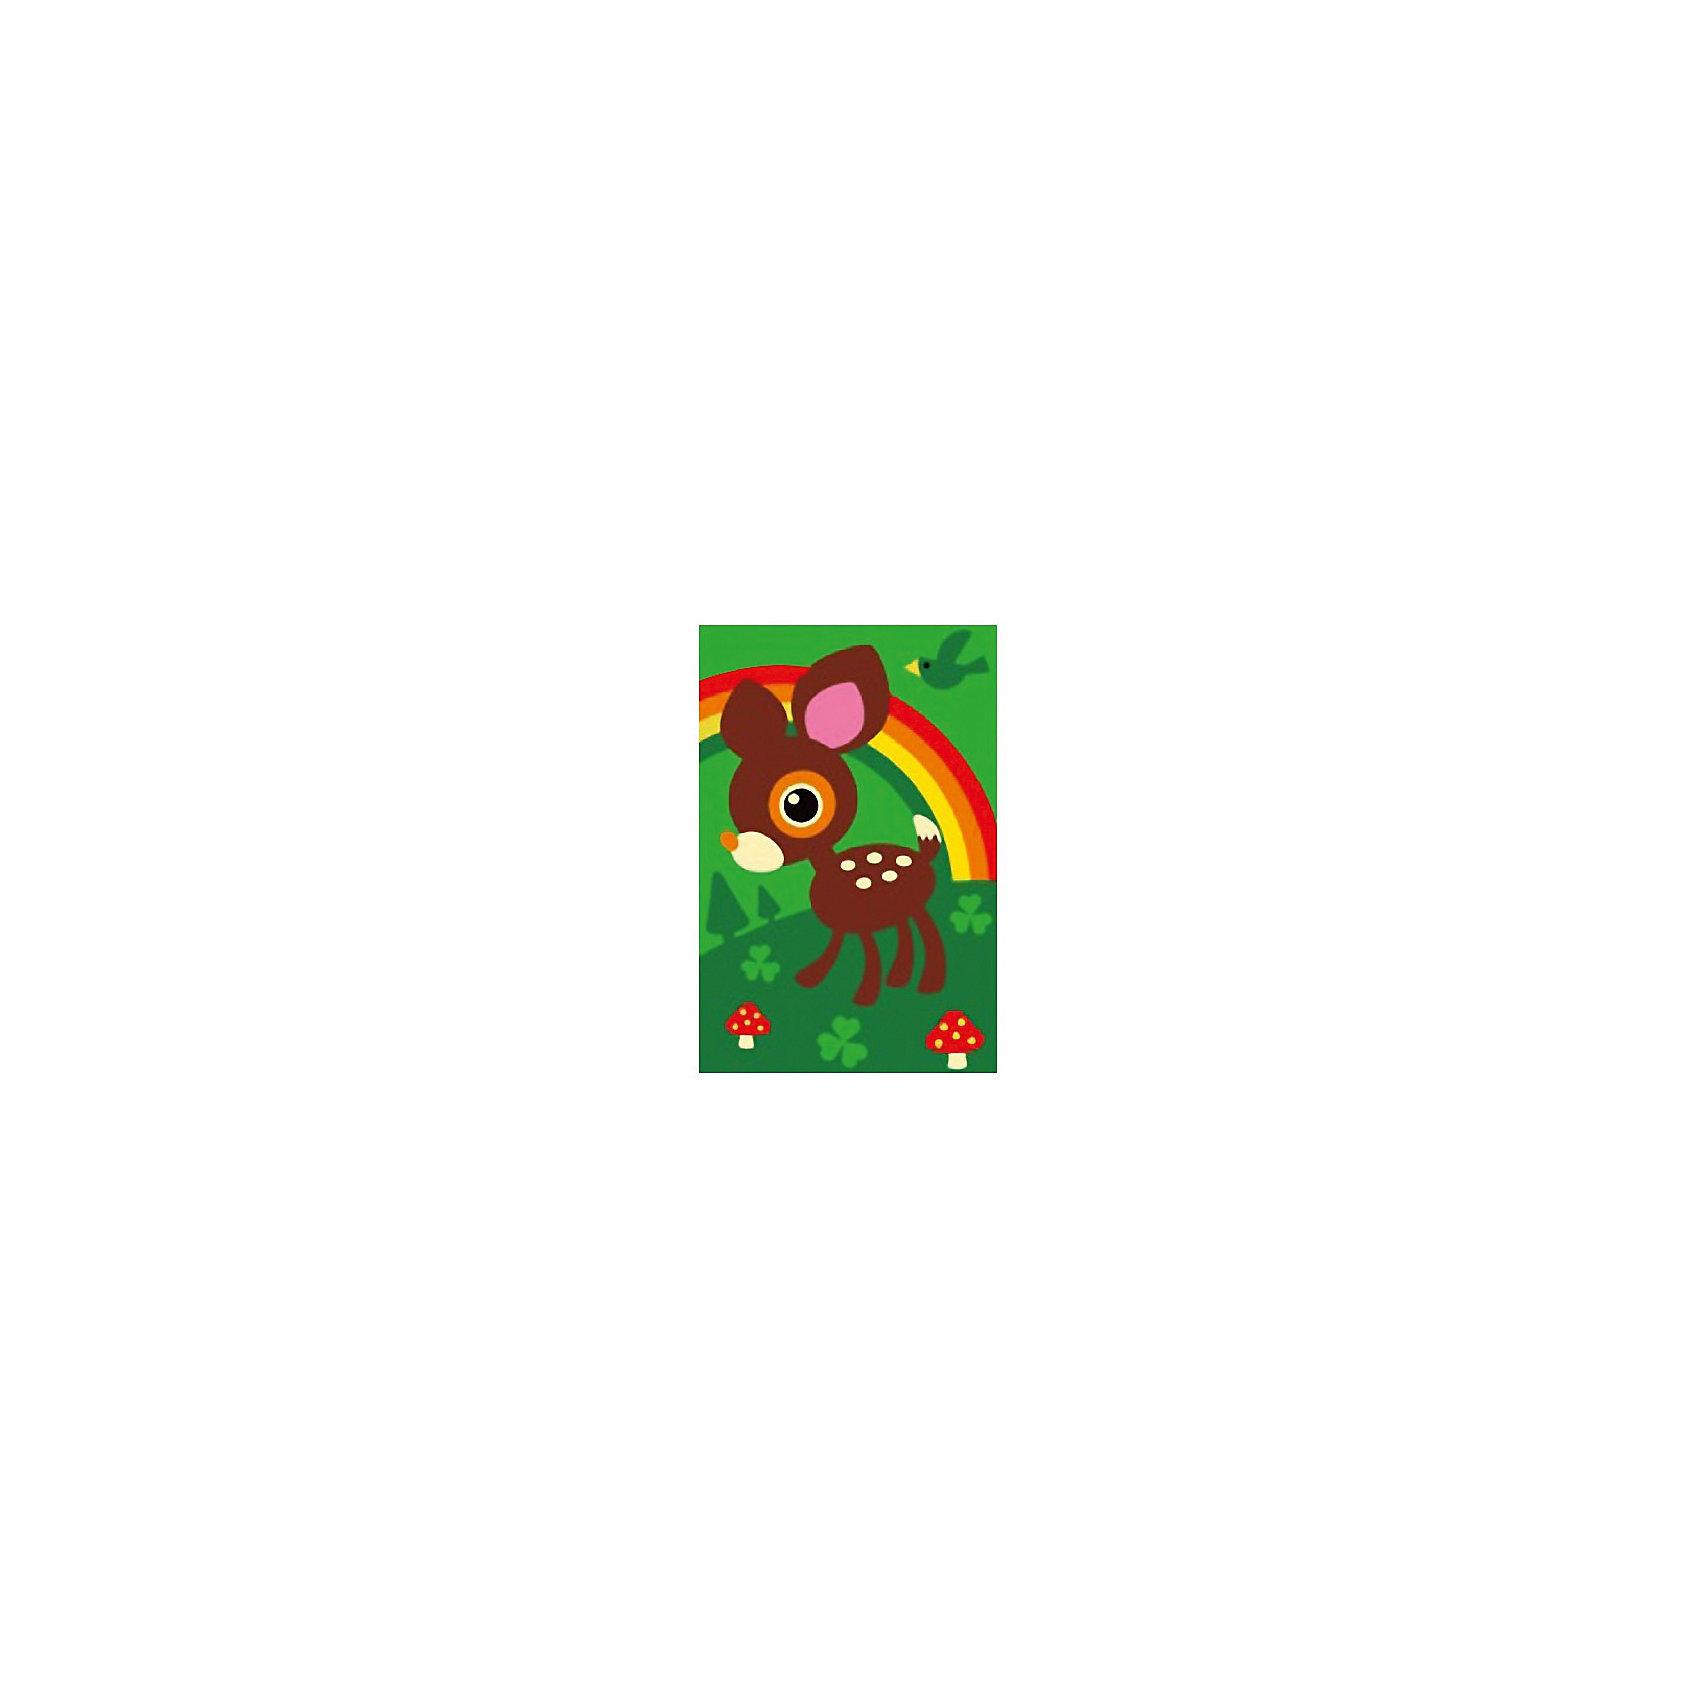 Набор юного художника Оленёнок, 20*30 смРисование<br>Детские картины с раскраской по номерам размером 20*30. На деревянном подрамнике, с прогрунтованным холстом и  нанесенными контурами картины, с указанием цвета закраски, акриловыми красками, 3 кисточками и креплением на стену. Уровень сложности, количество красок указаны на коробке.<br><br>Ширина мм: 300<br>Глубина мм: 200<br>Высота мм: 30<br>Вес г: 330<br>Возраст от месяцев: 60<br>Возраст до месяцев: 108<br>Пол: Унисекс<br>Возраст: Детский<br>SKU: 5417632